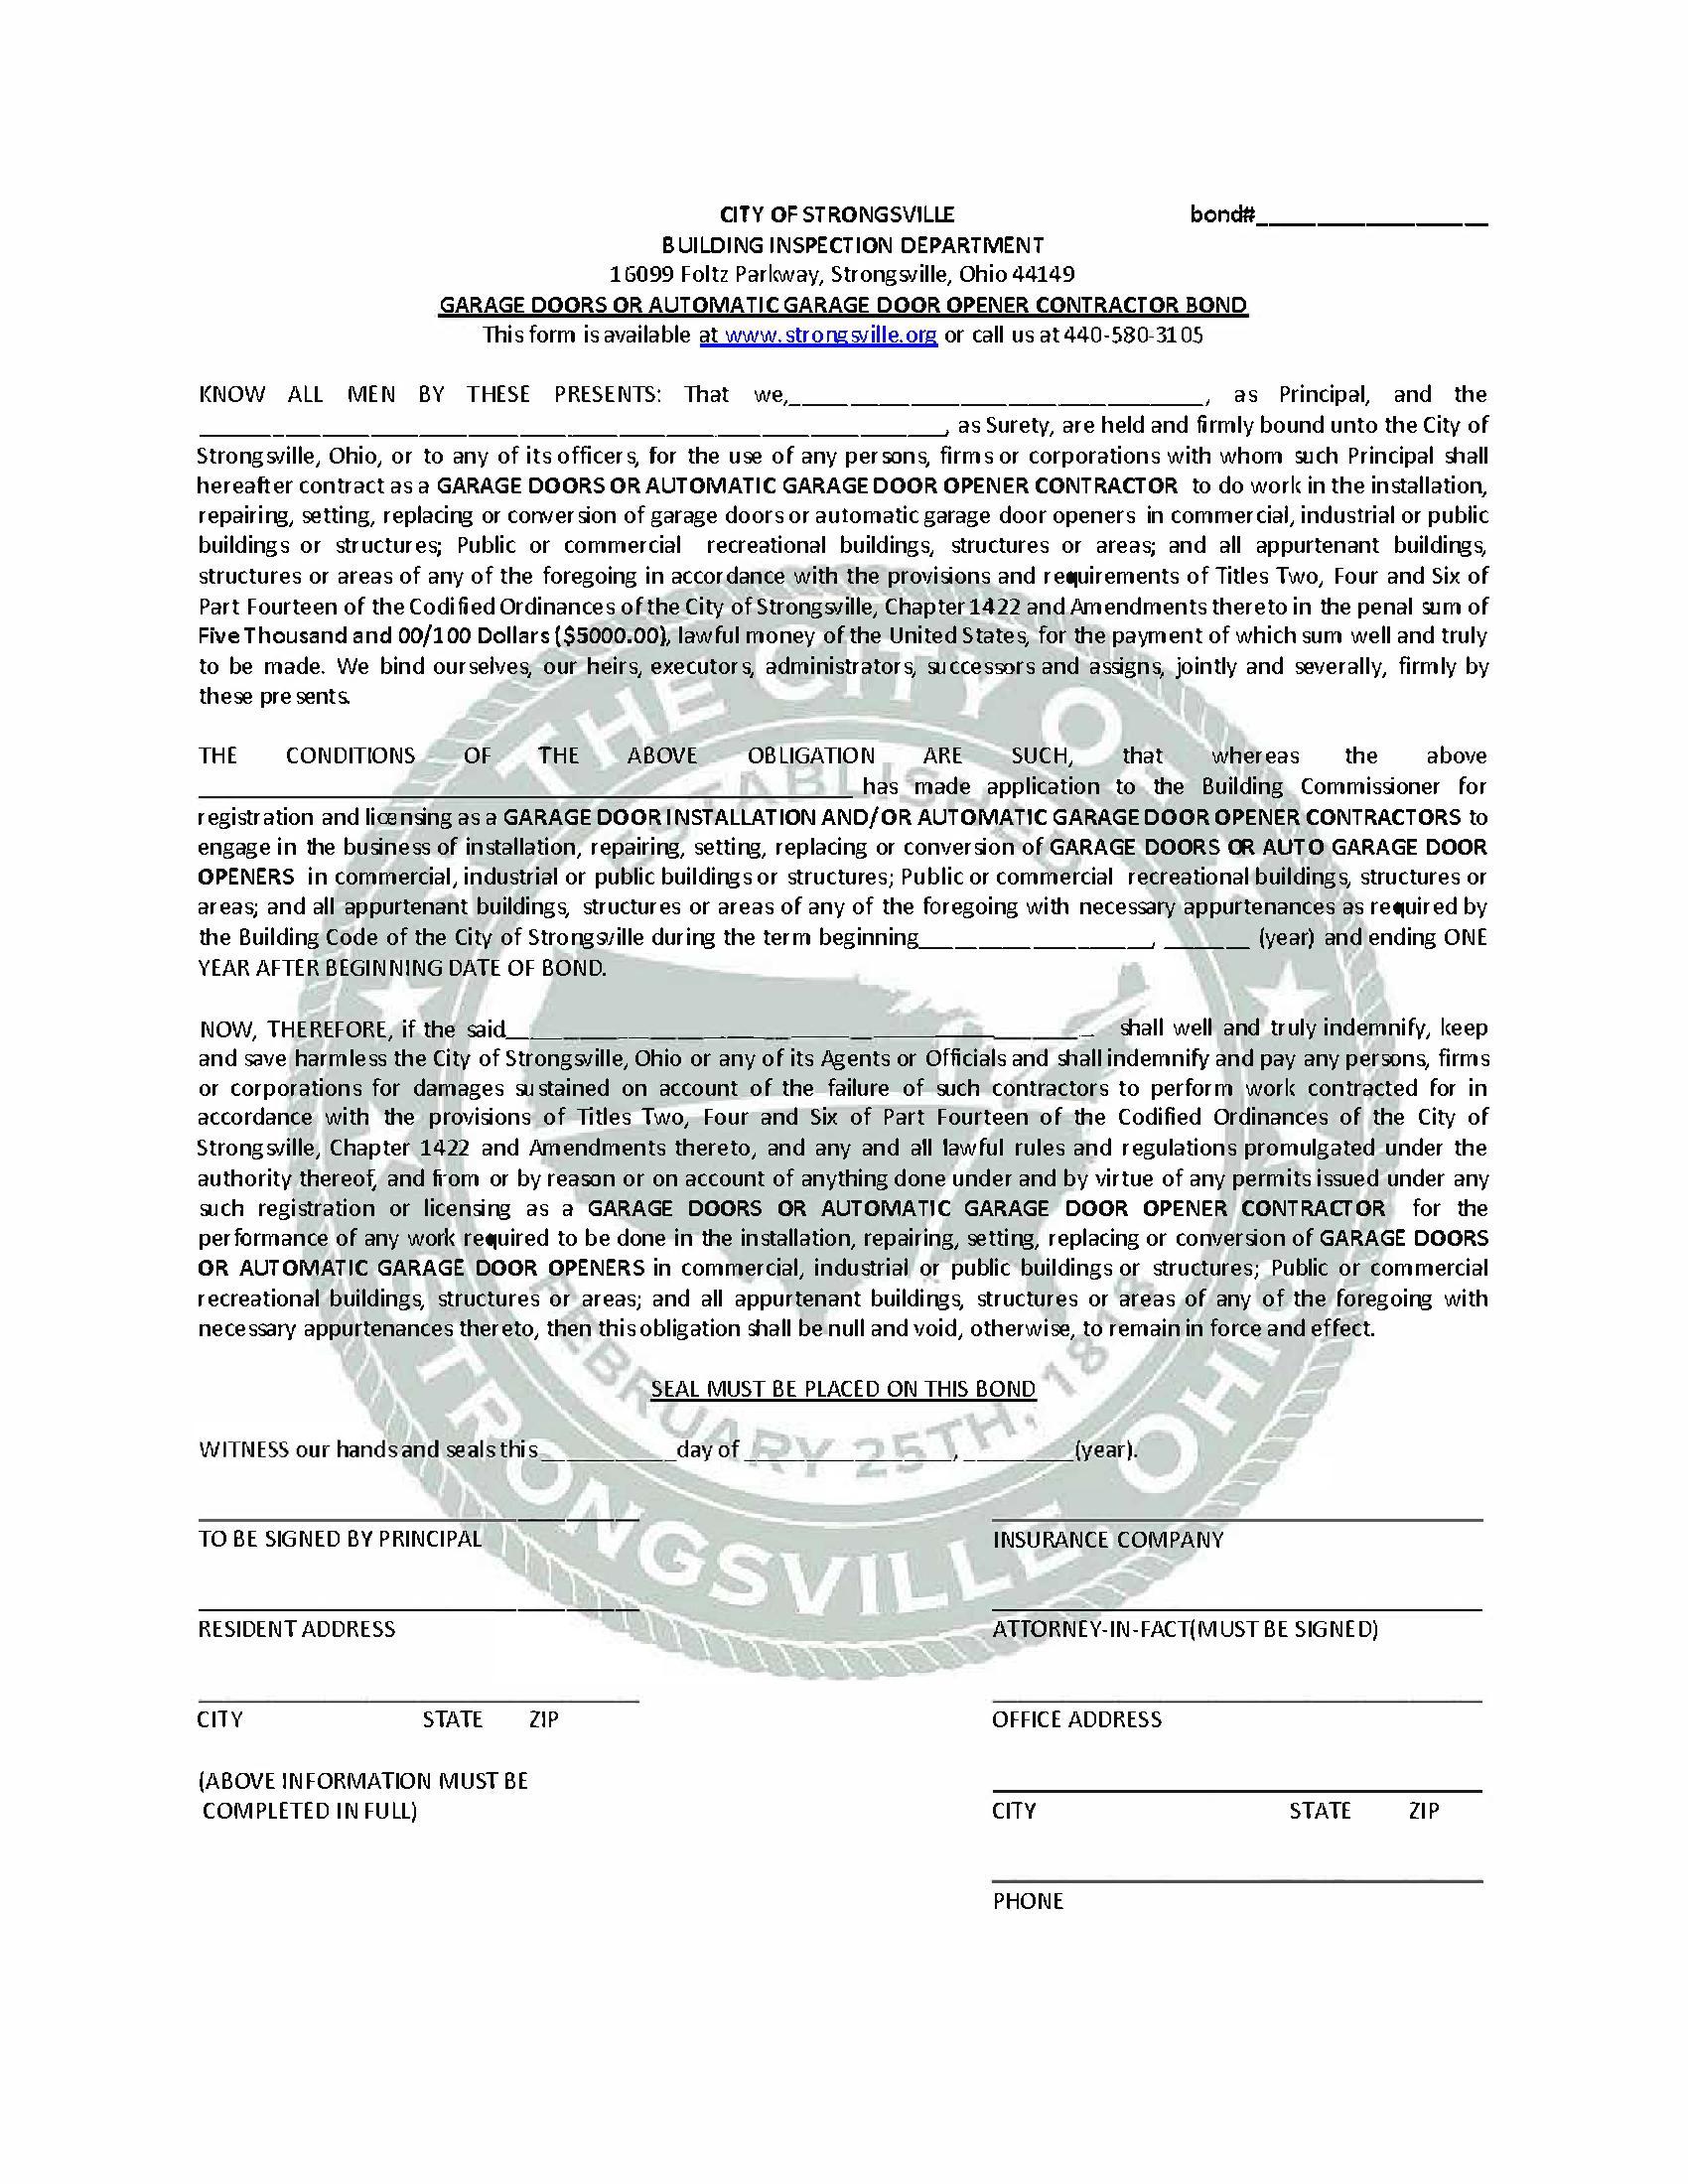 Strongsville - City Garage Doors or Automatic Garage Door Opener Contractor sample image